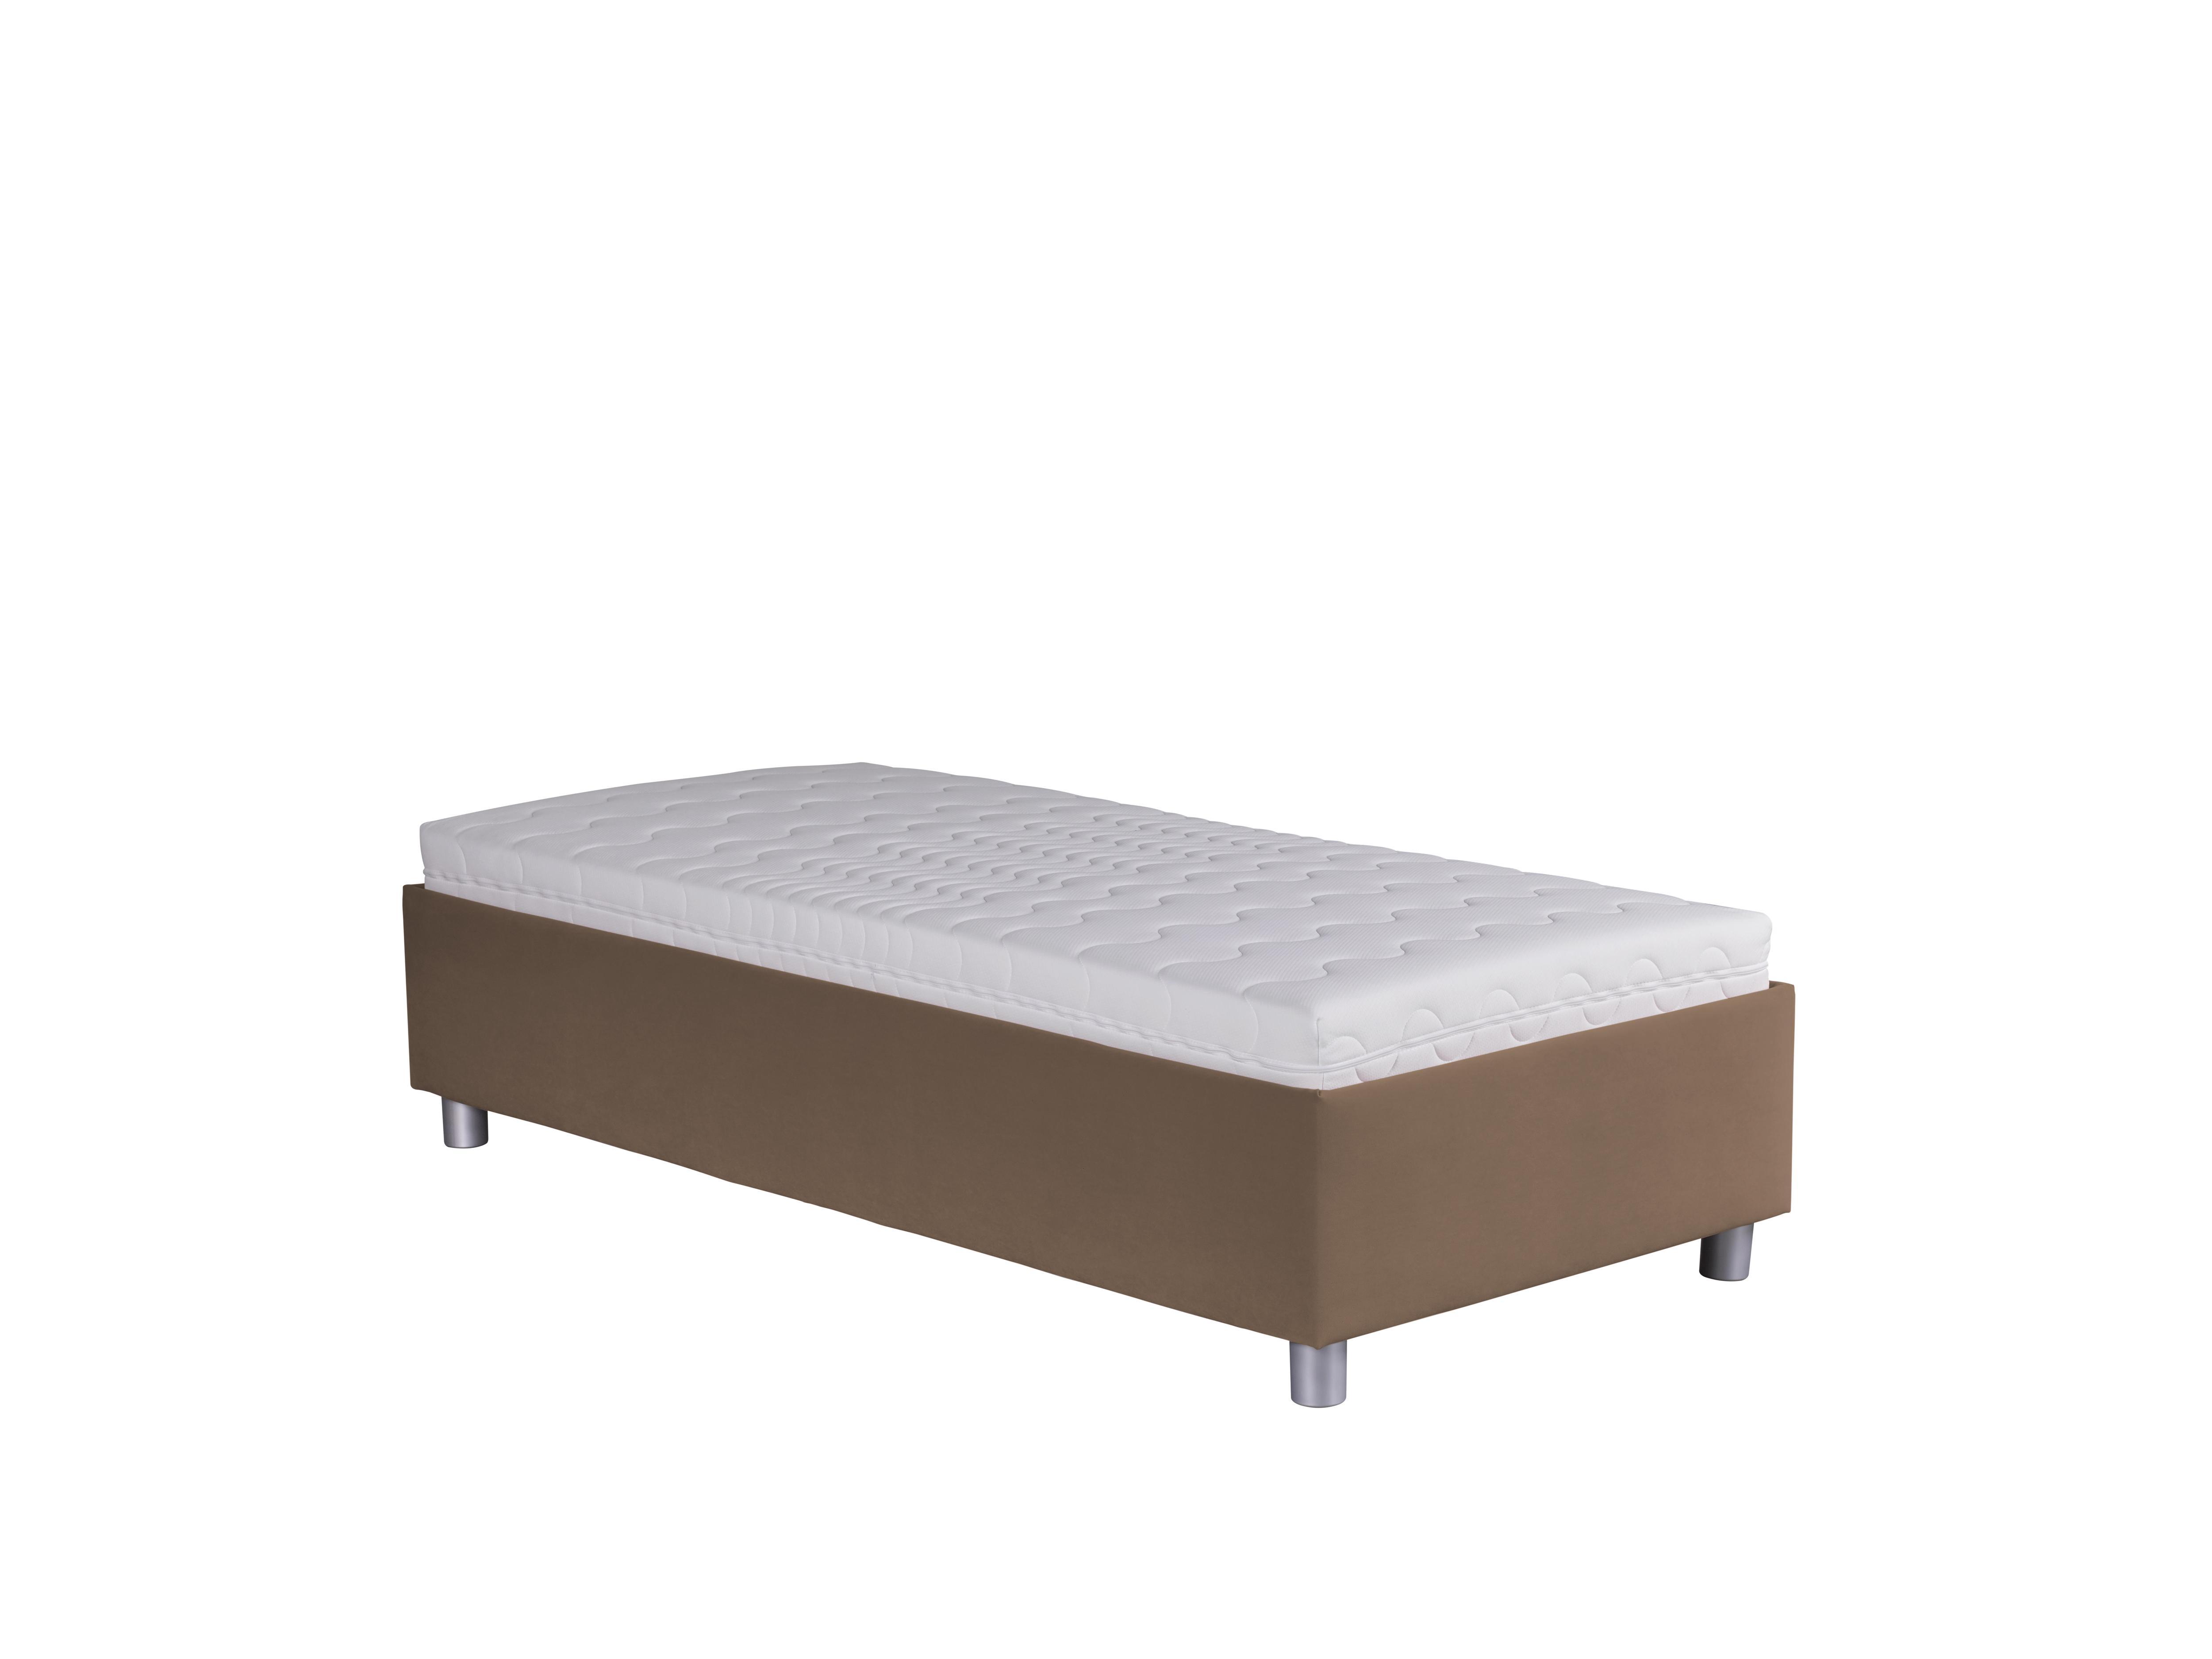 Jednolůžková postel 90 cm - Blanár - Neptun (hnědá) (s roštem a matrací Nelly)